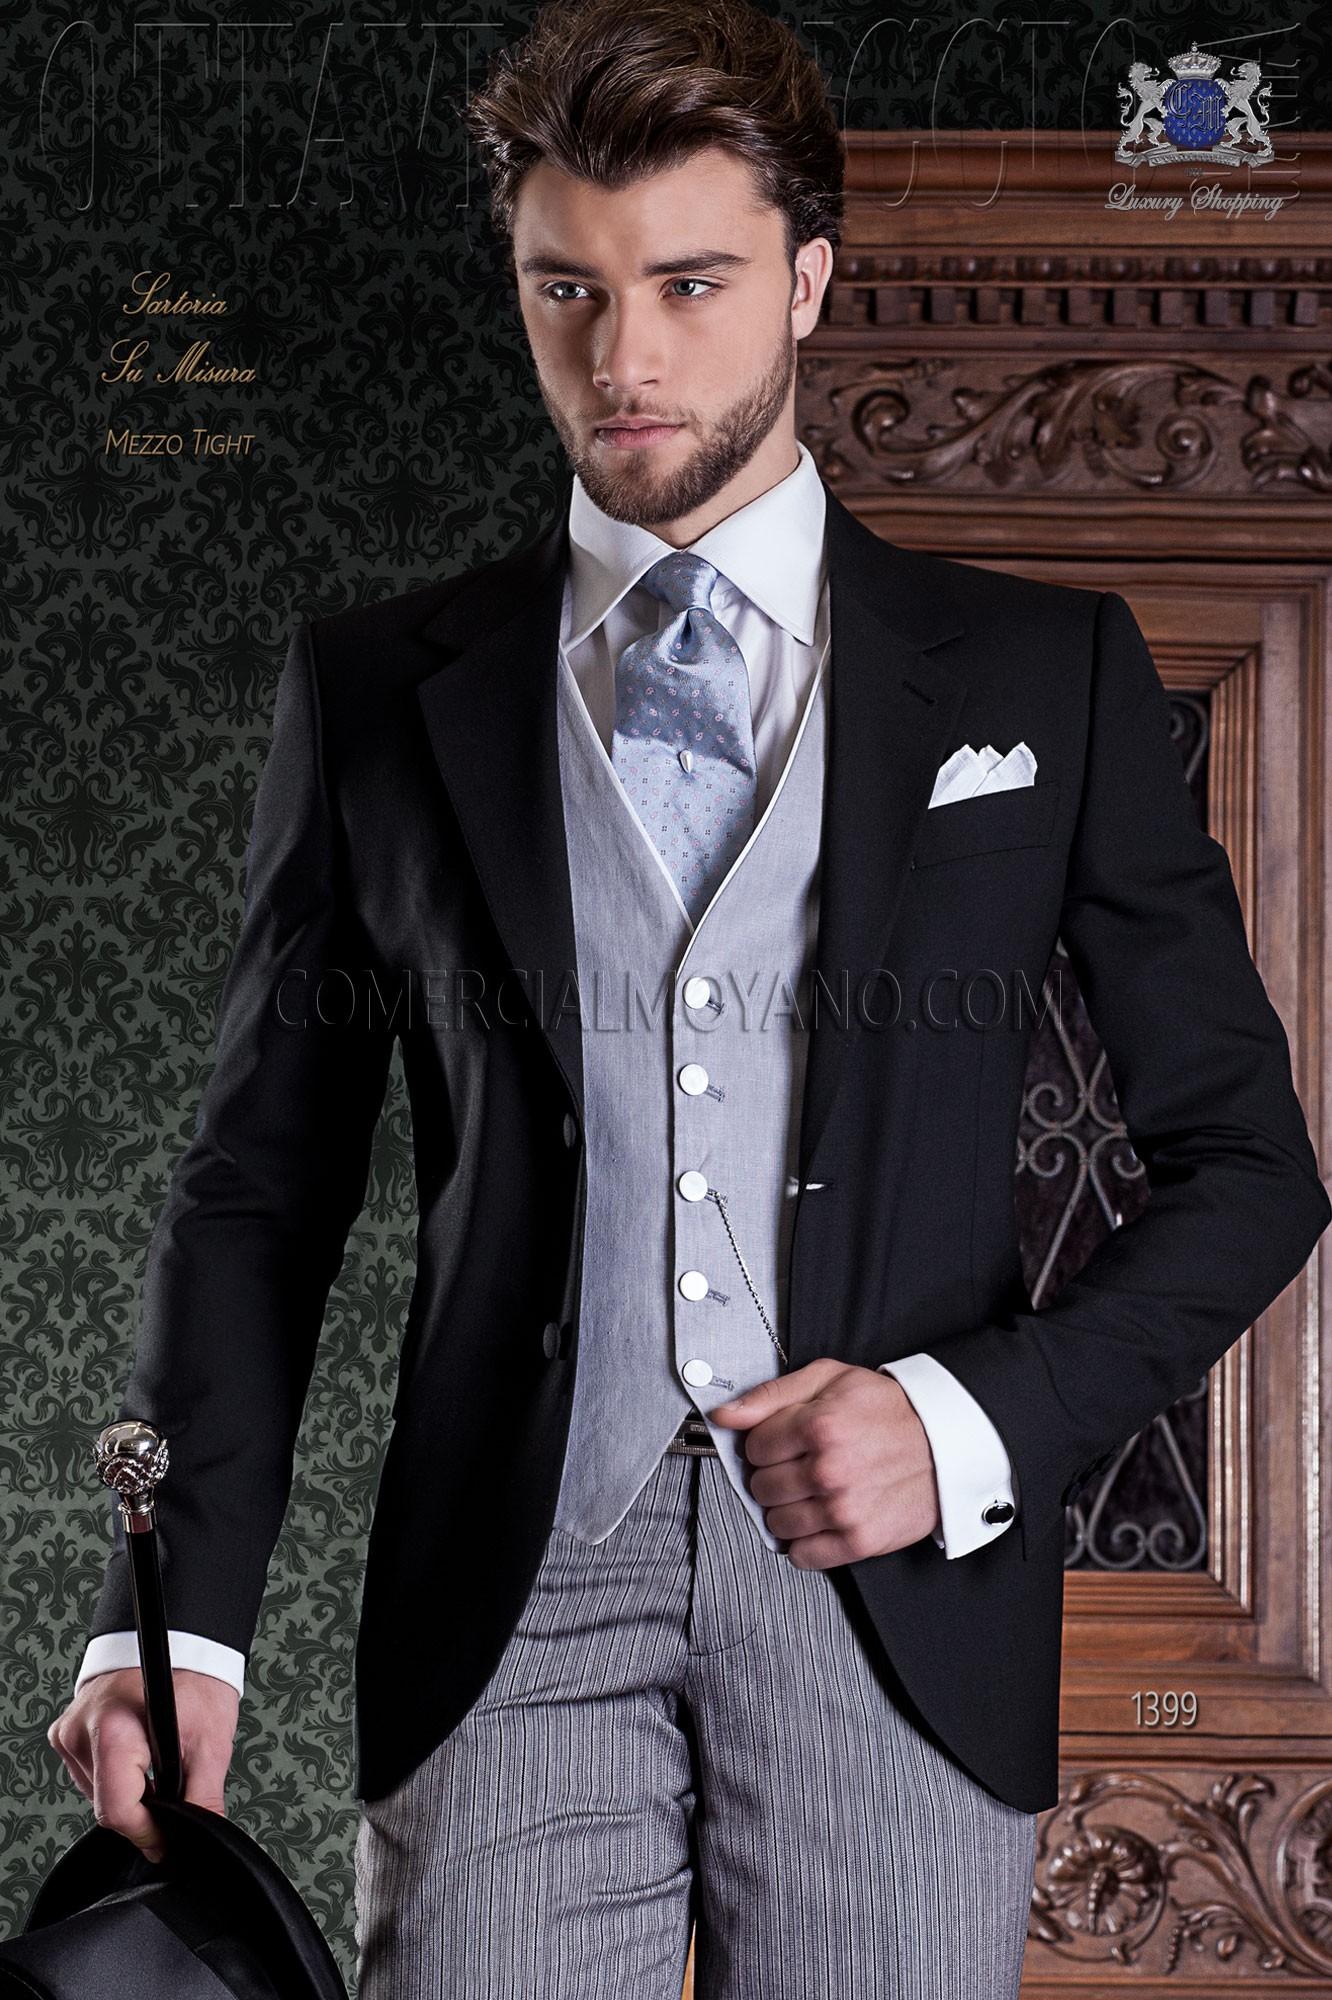 Traje de novio negro elegante corte italiano Ottavio Nuccio 1399 e8d43cb9455e